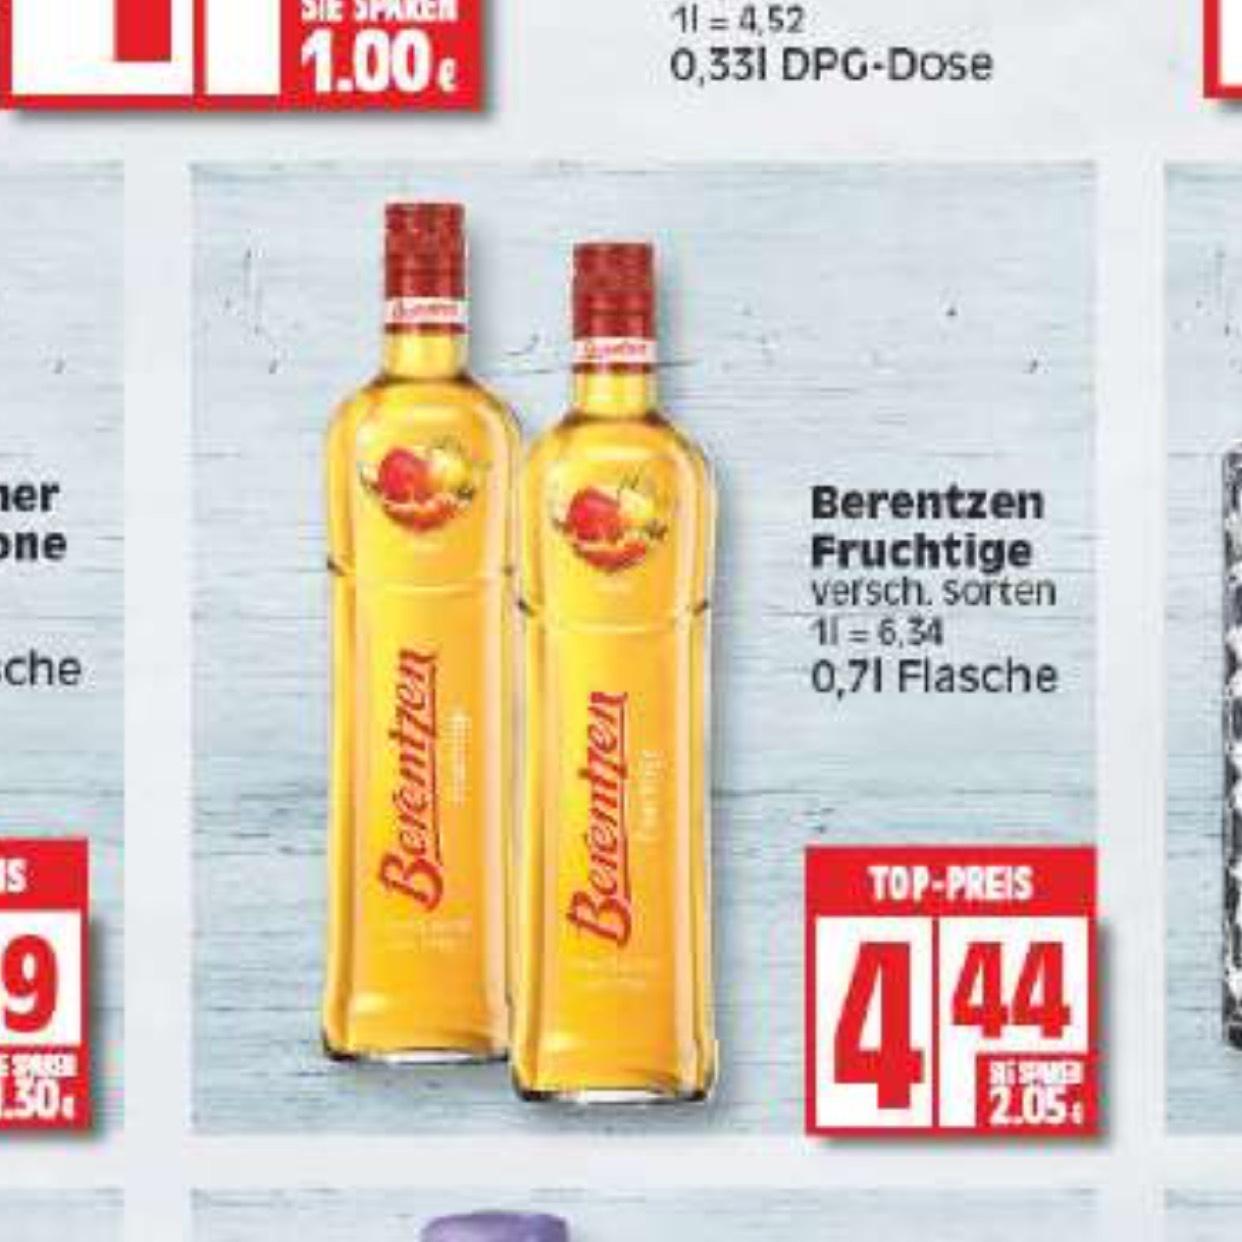 [EDEKA bis 10.2.] Berentzen Fruchtige 0,7l Flasche